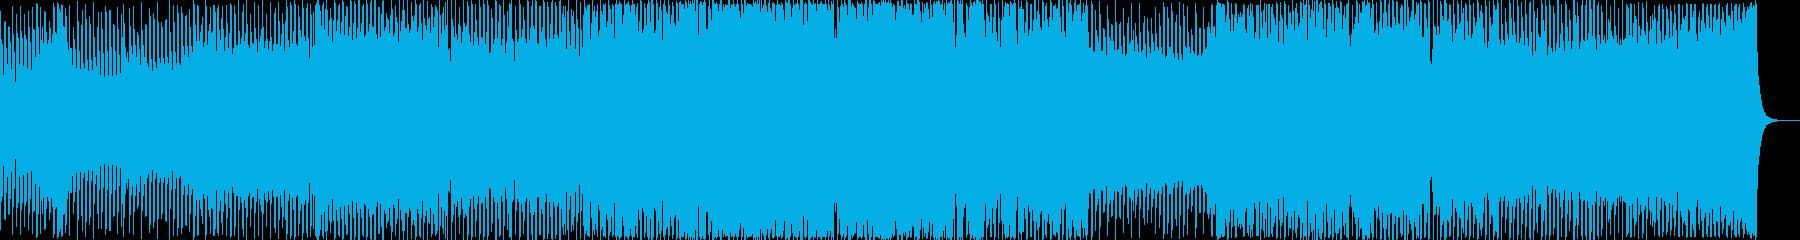 電子、科学、爽やかなエレクトロの再生済みの波形